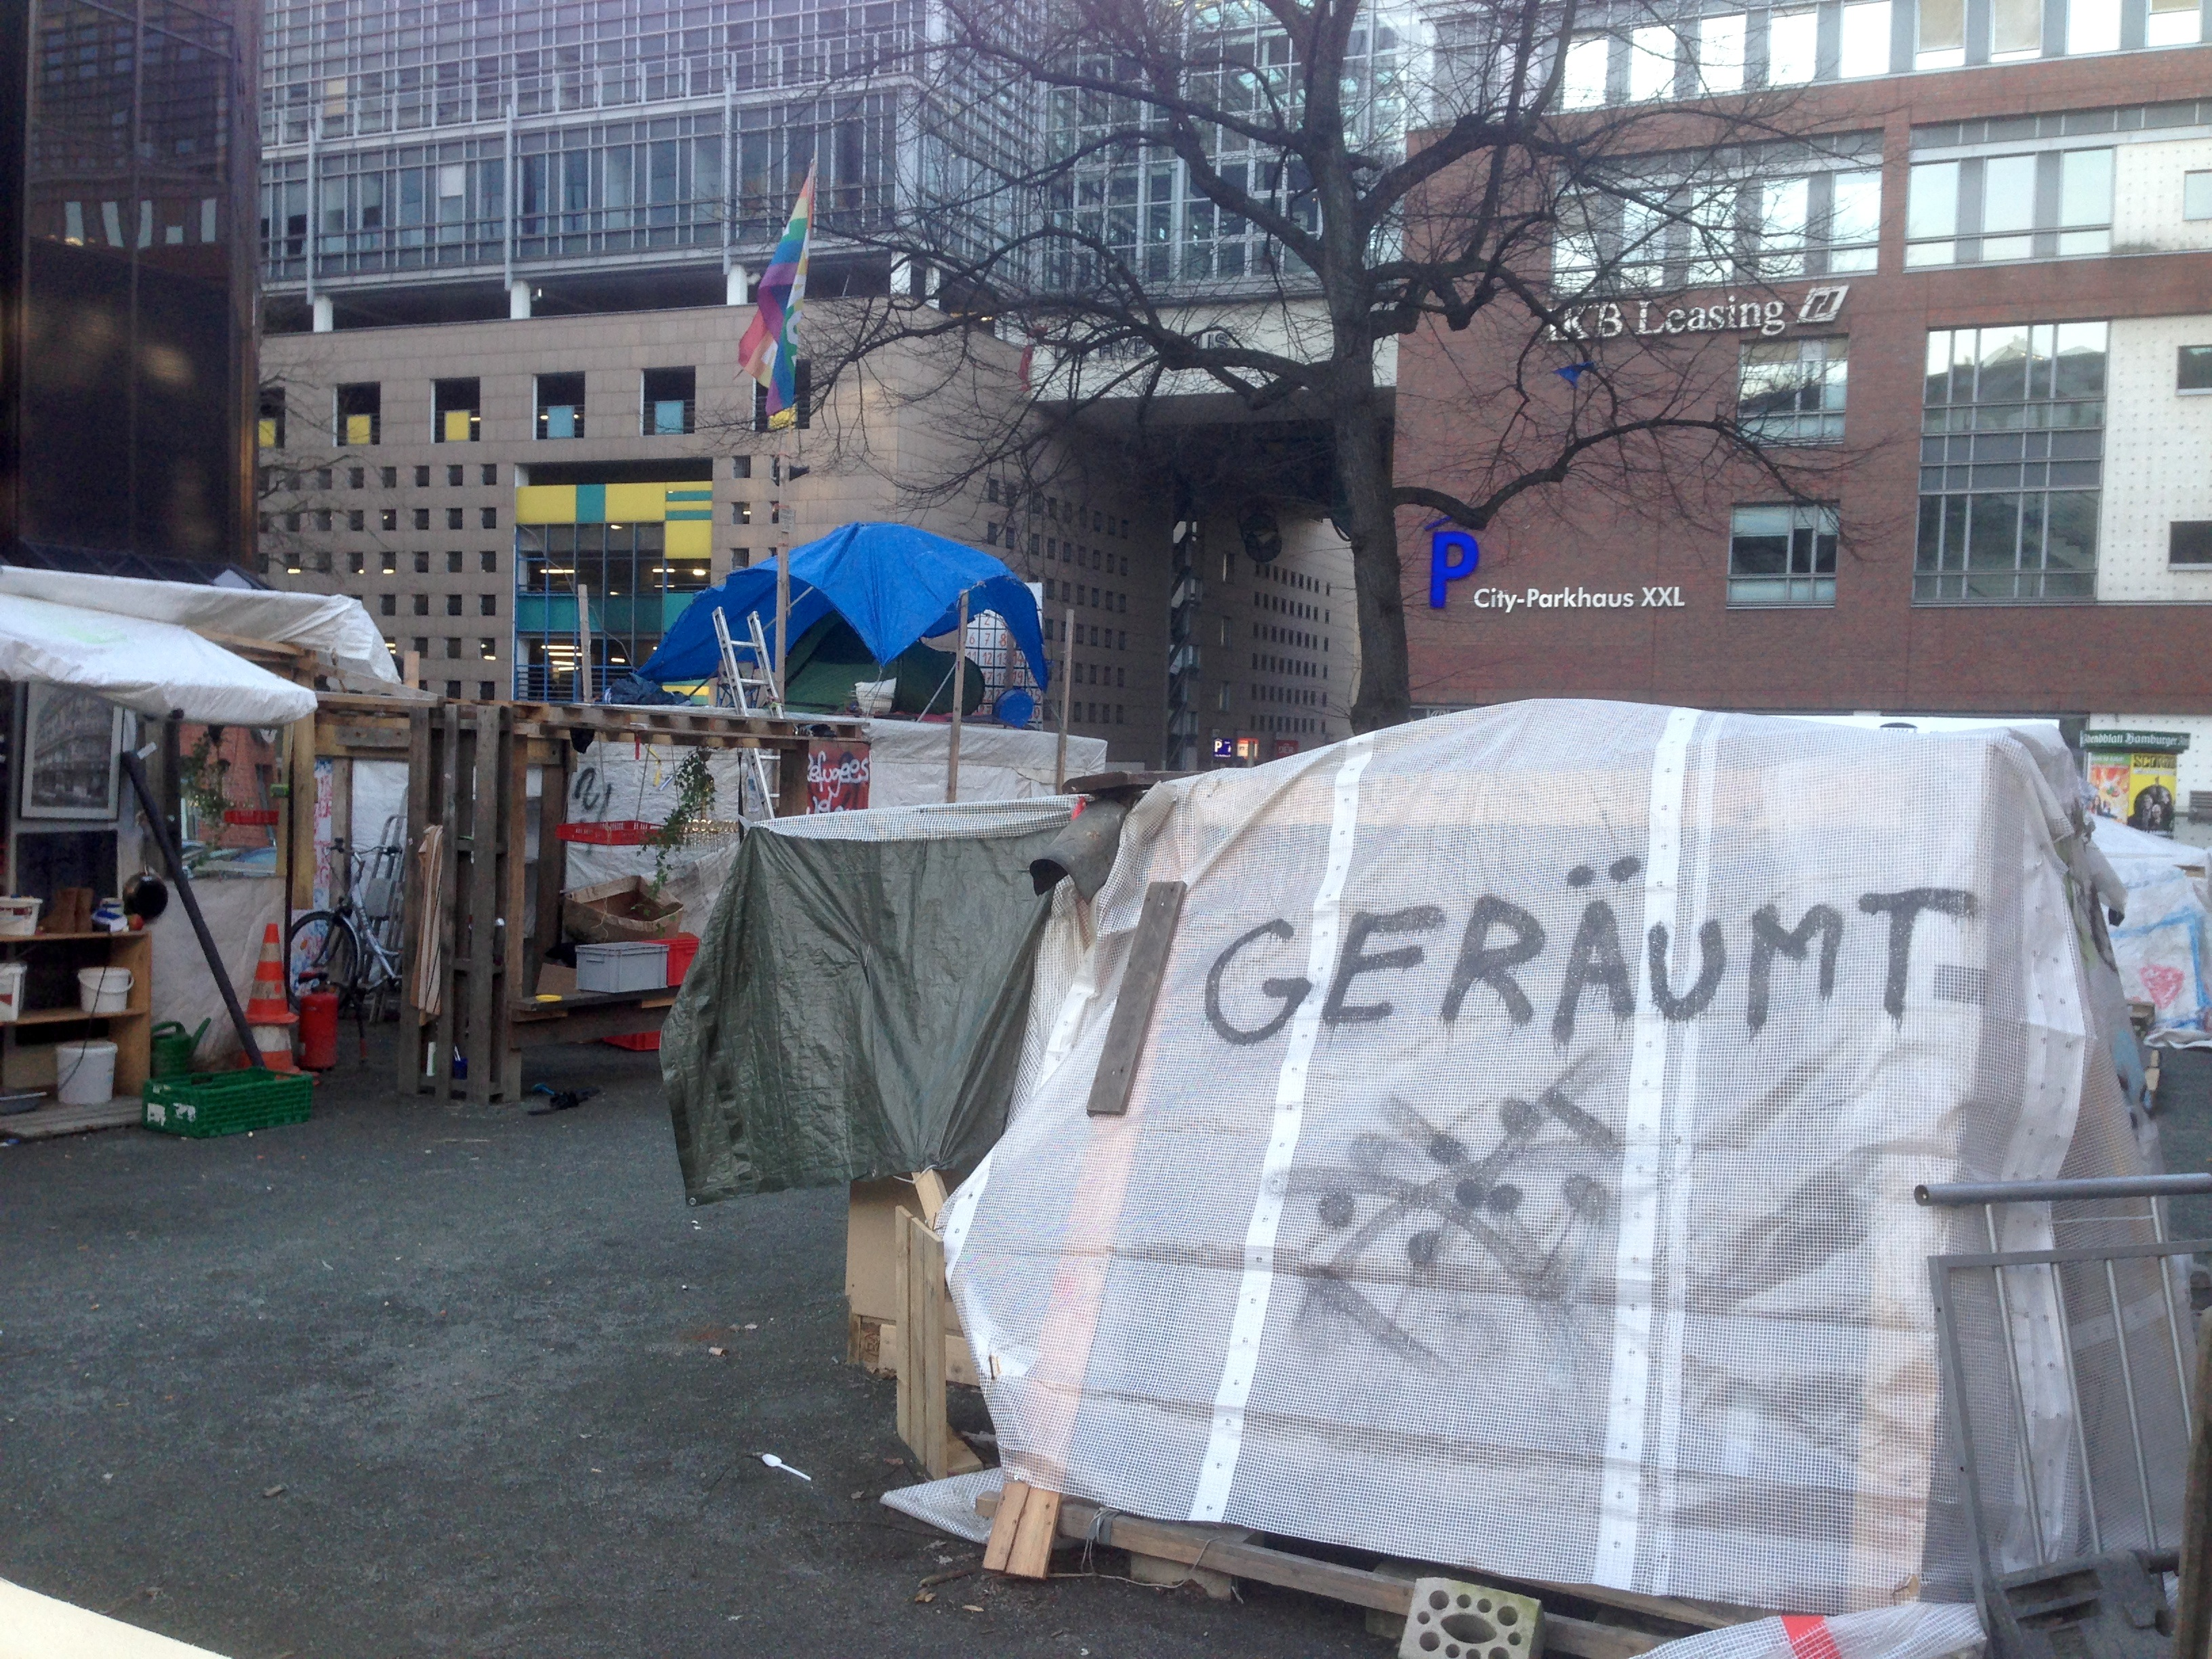 Foto: Dominik Brück - Occupy Camp